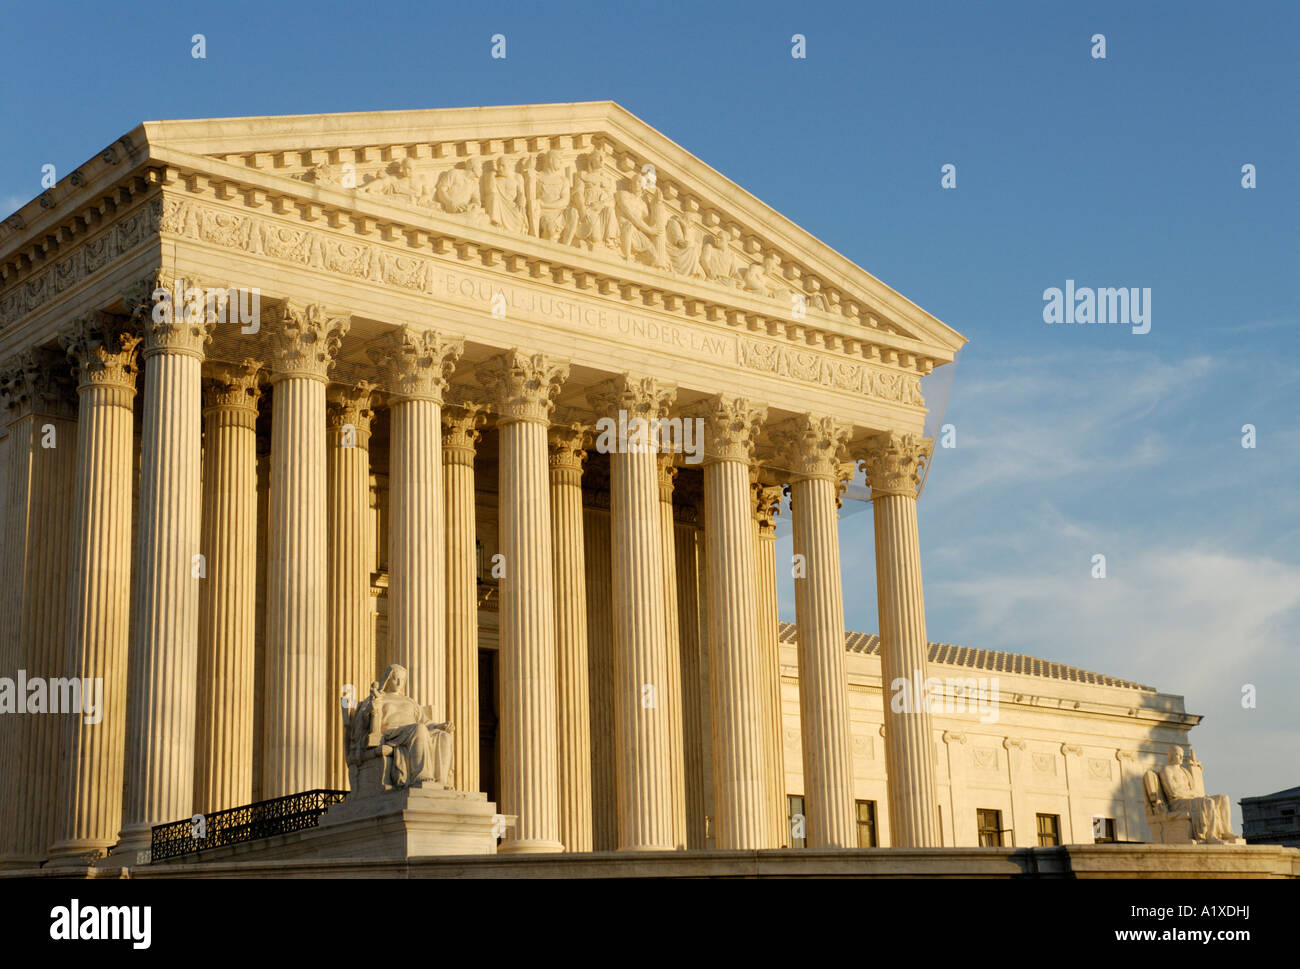 Estados Unidos edificio de la Corte Suprema de EE.UU. Imagen De Stock